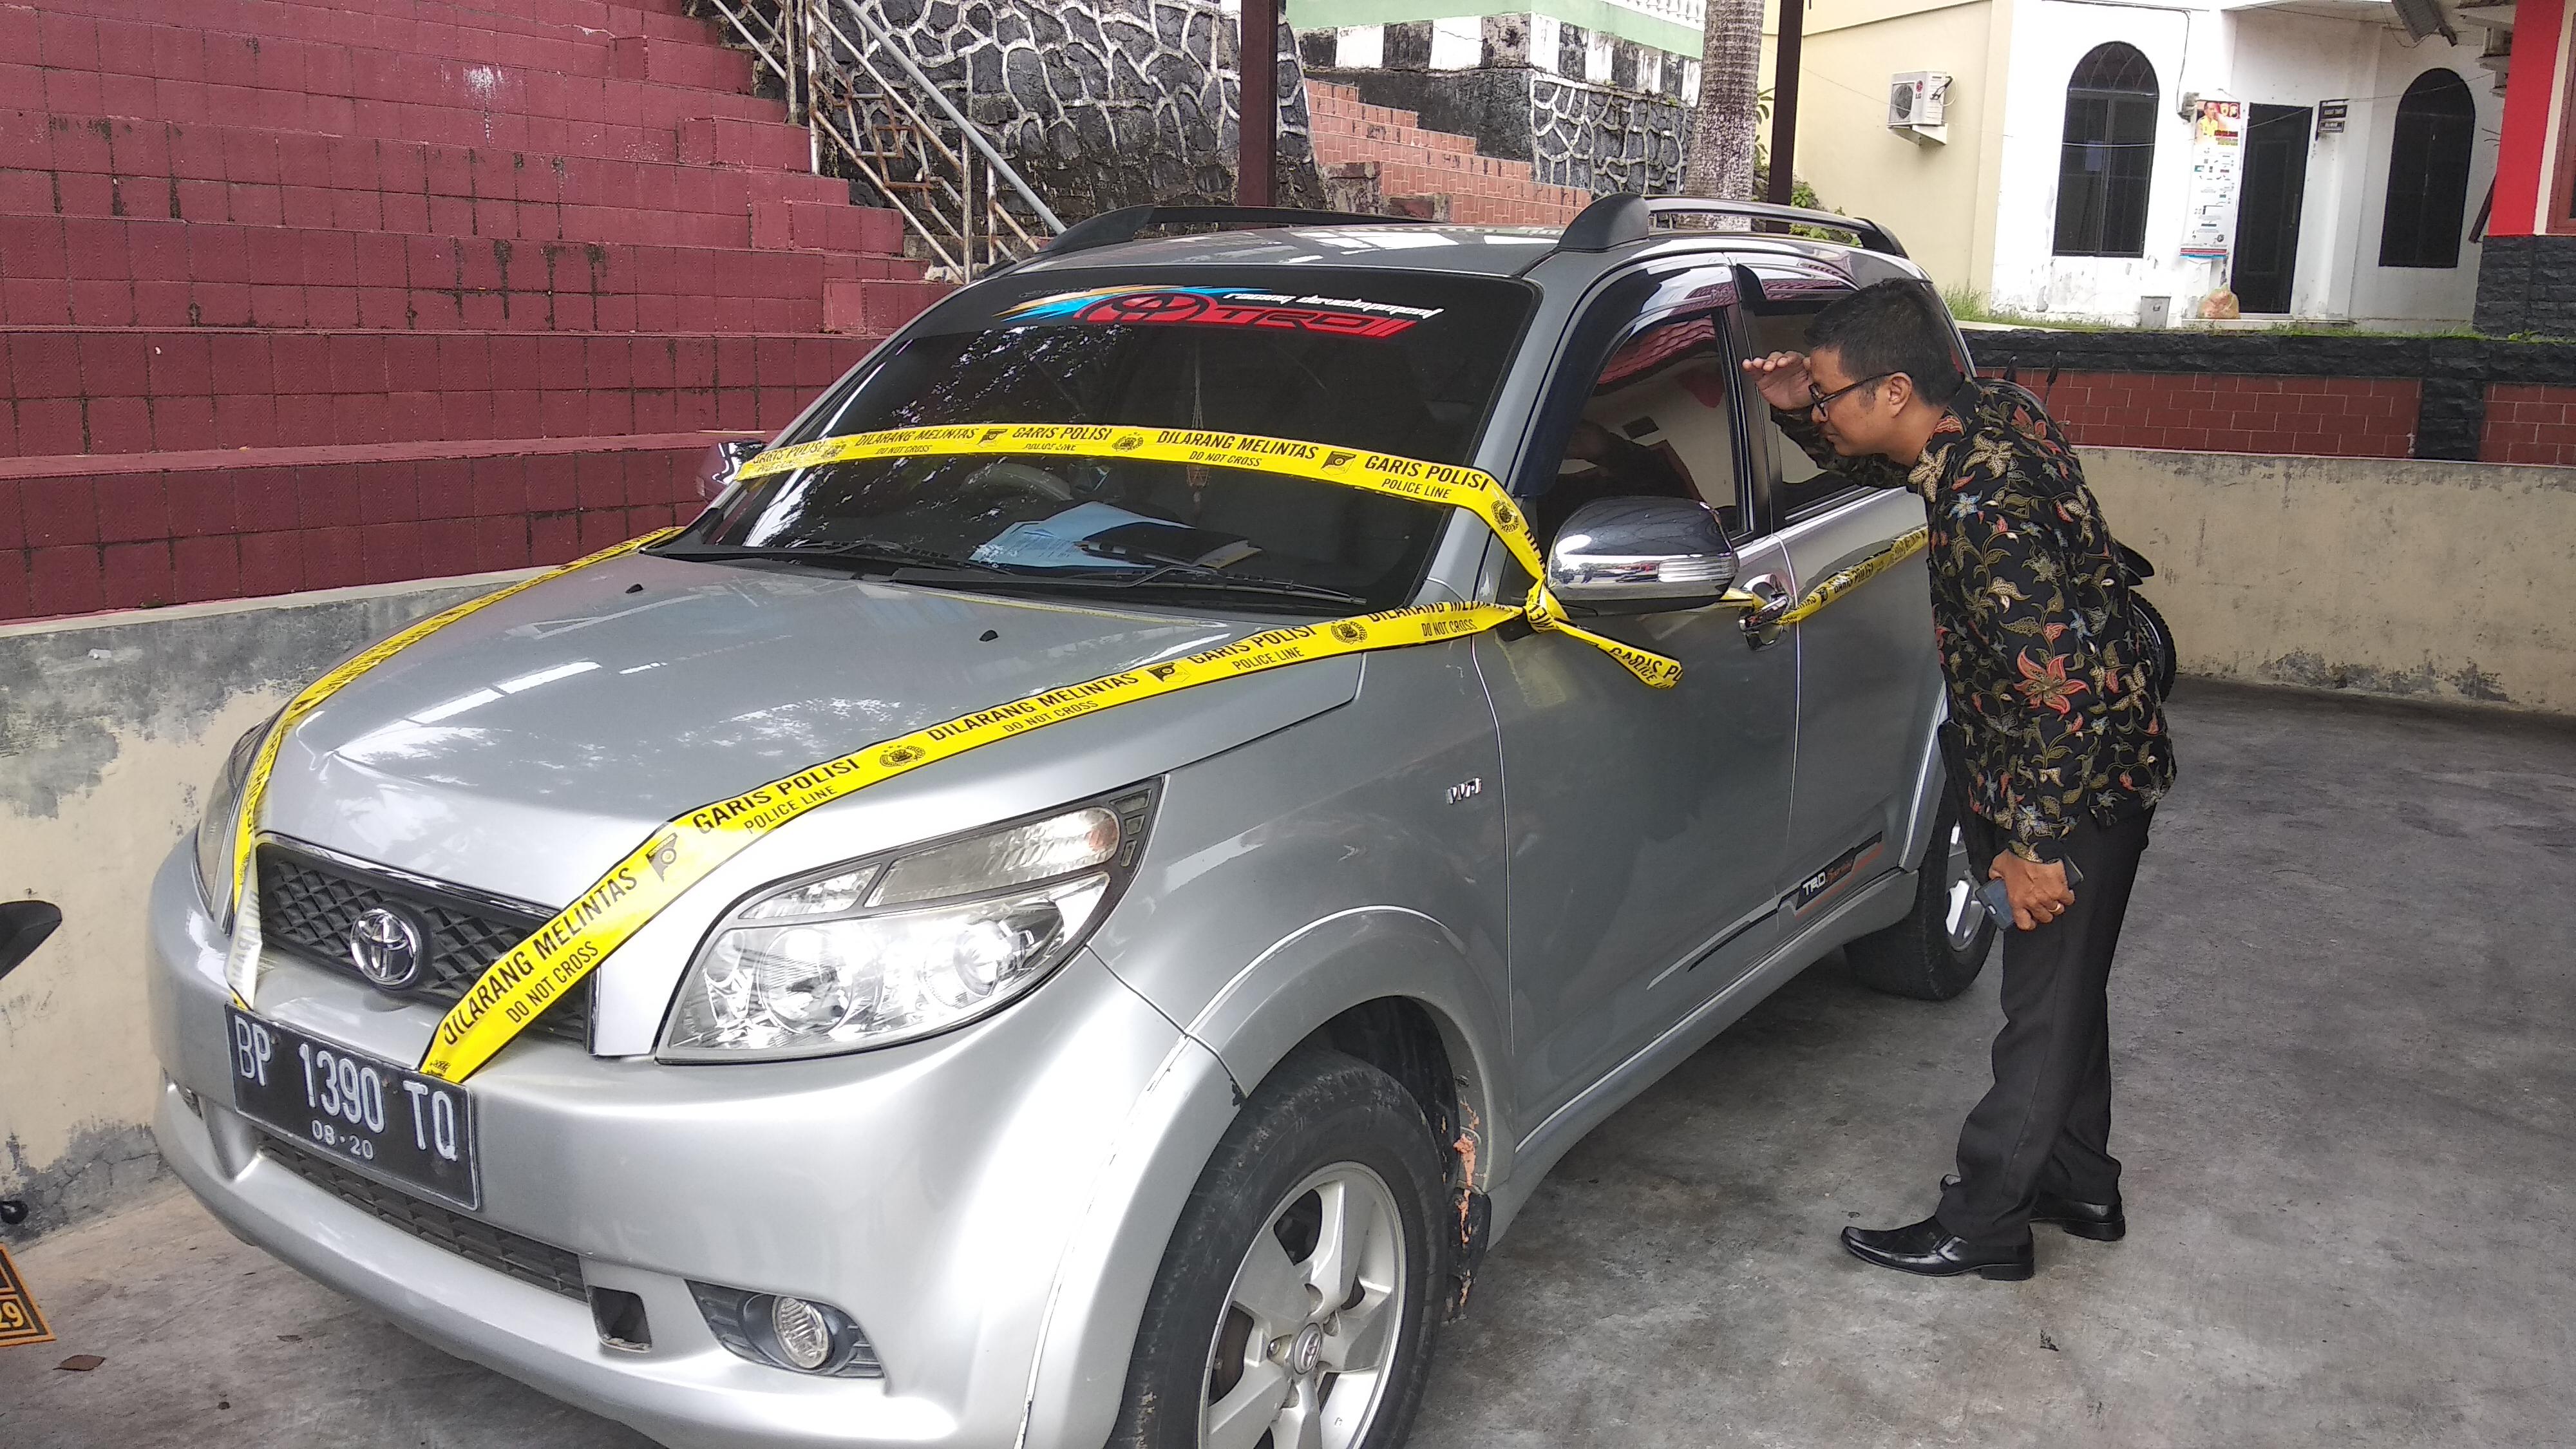 Polisi Amankan Mobil Diduga Milik Pelaku Pembunuhan Tini